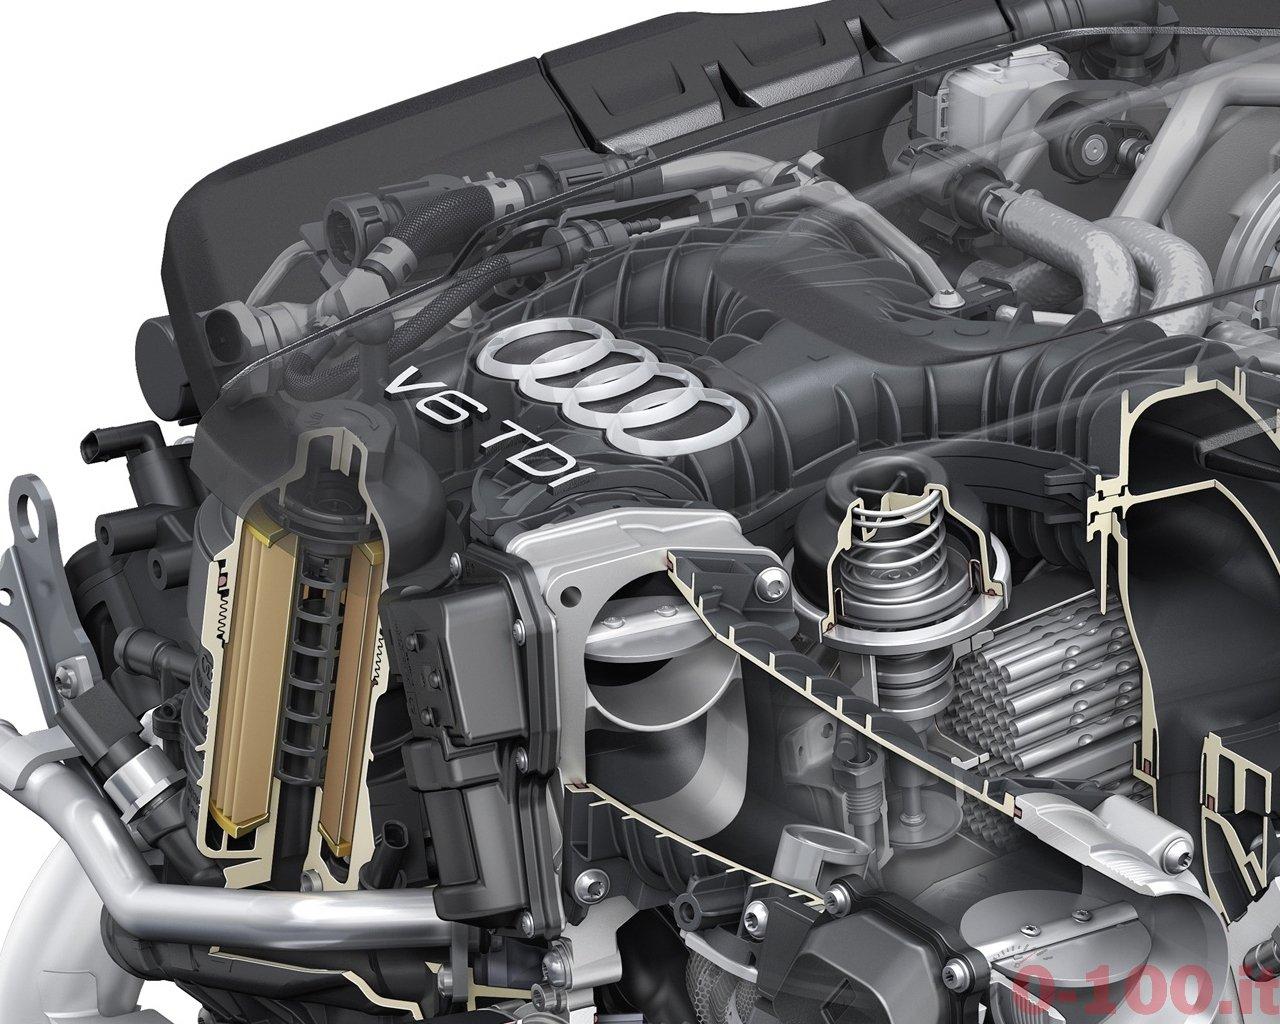 Neue Generation des Audi-V6-TDI mit 160 kW (218 PS) und 200 kW (272 PS))